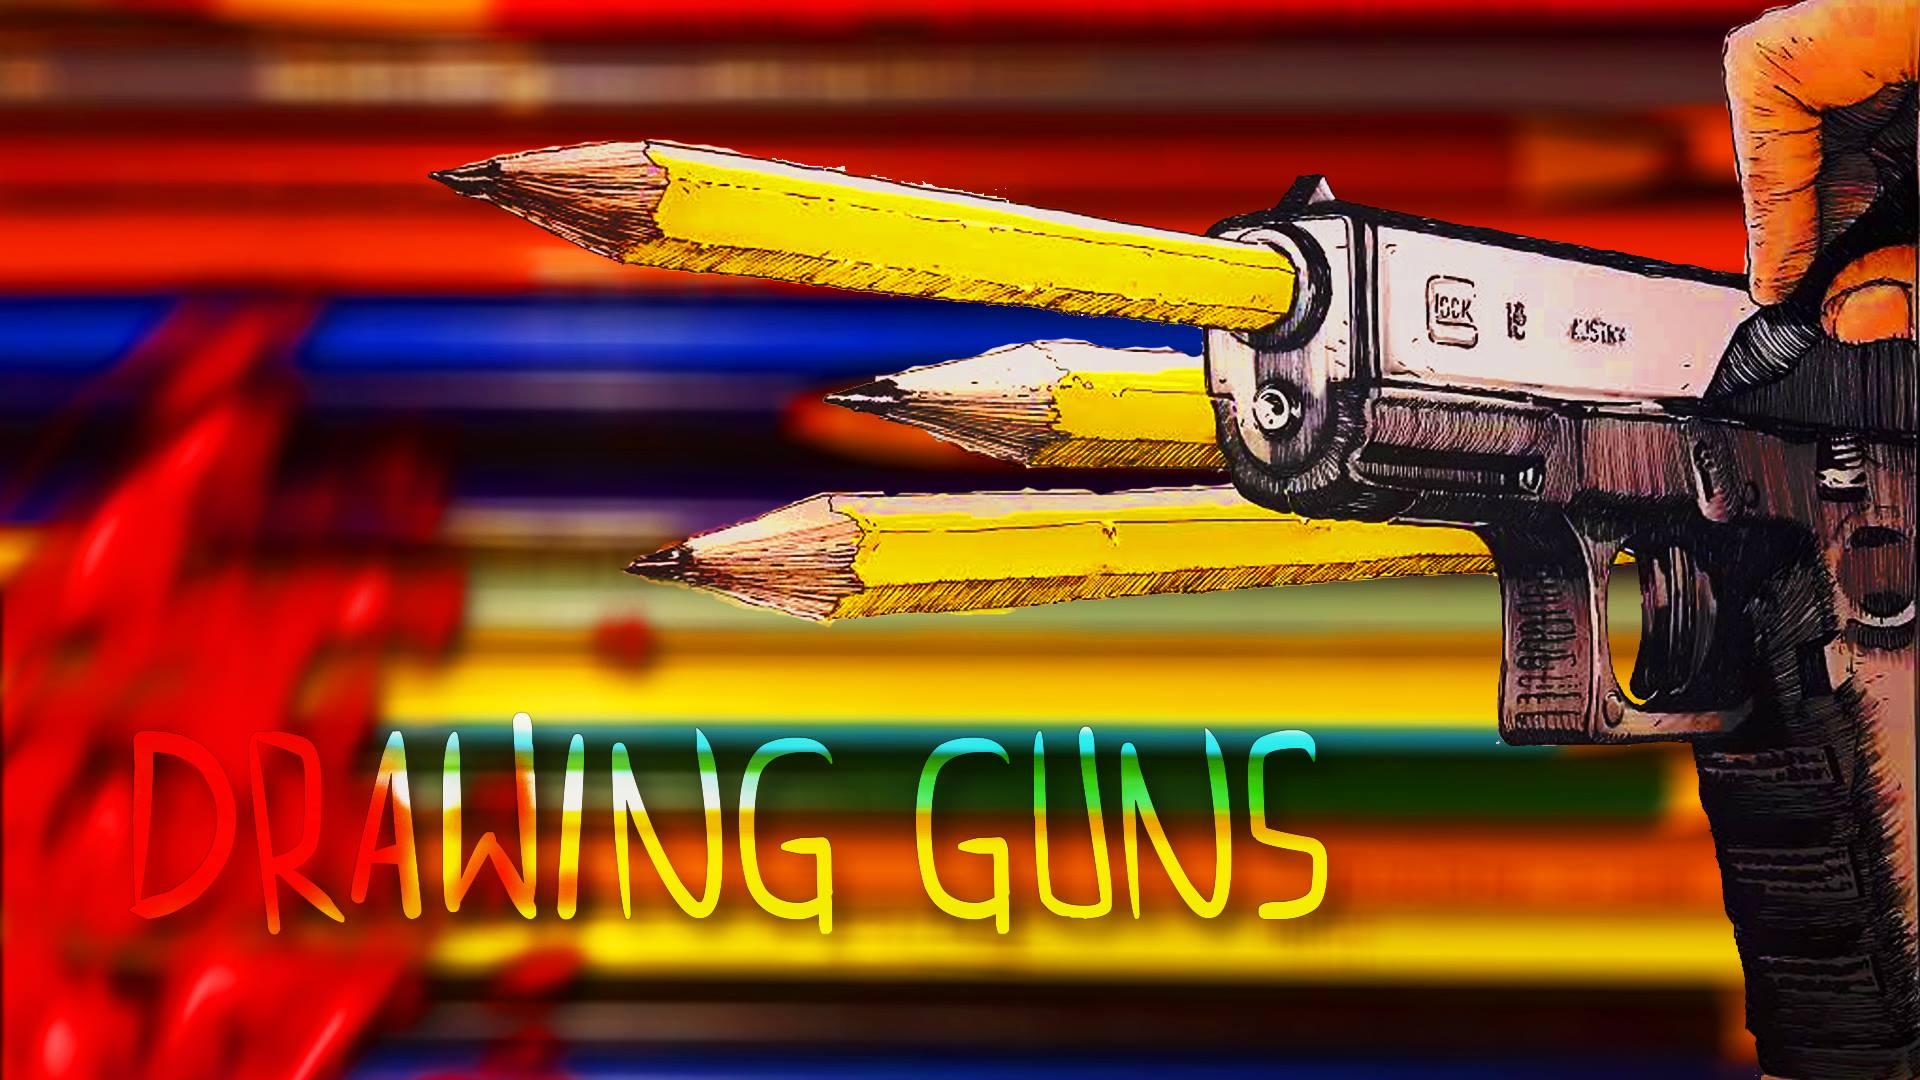 drawing guns.jpg